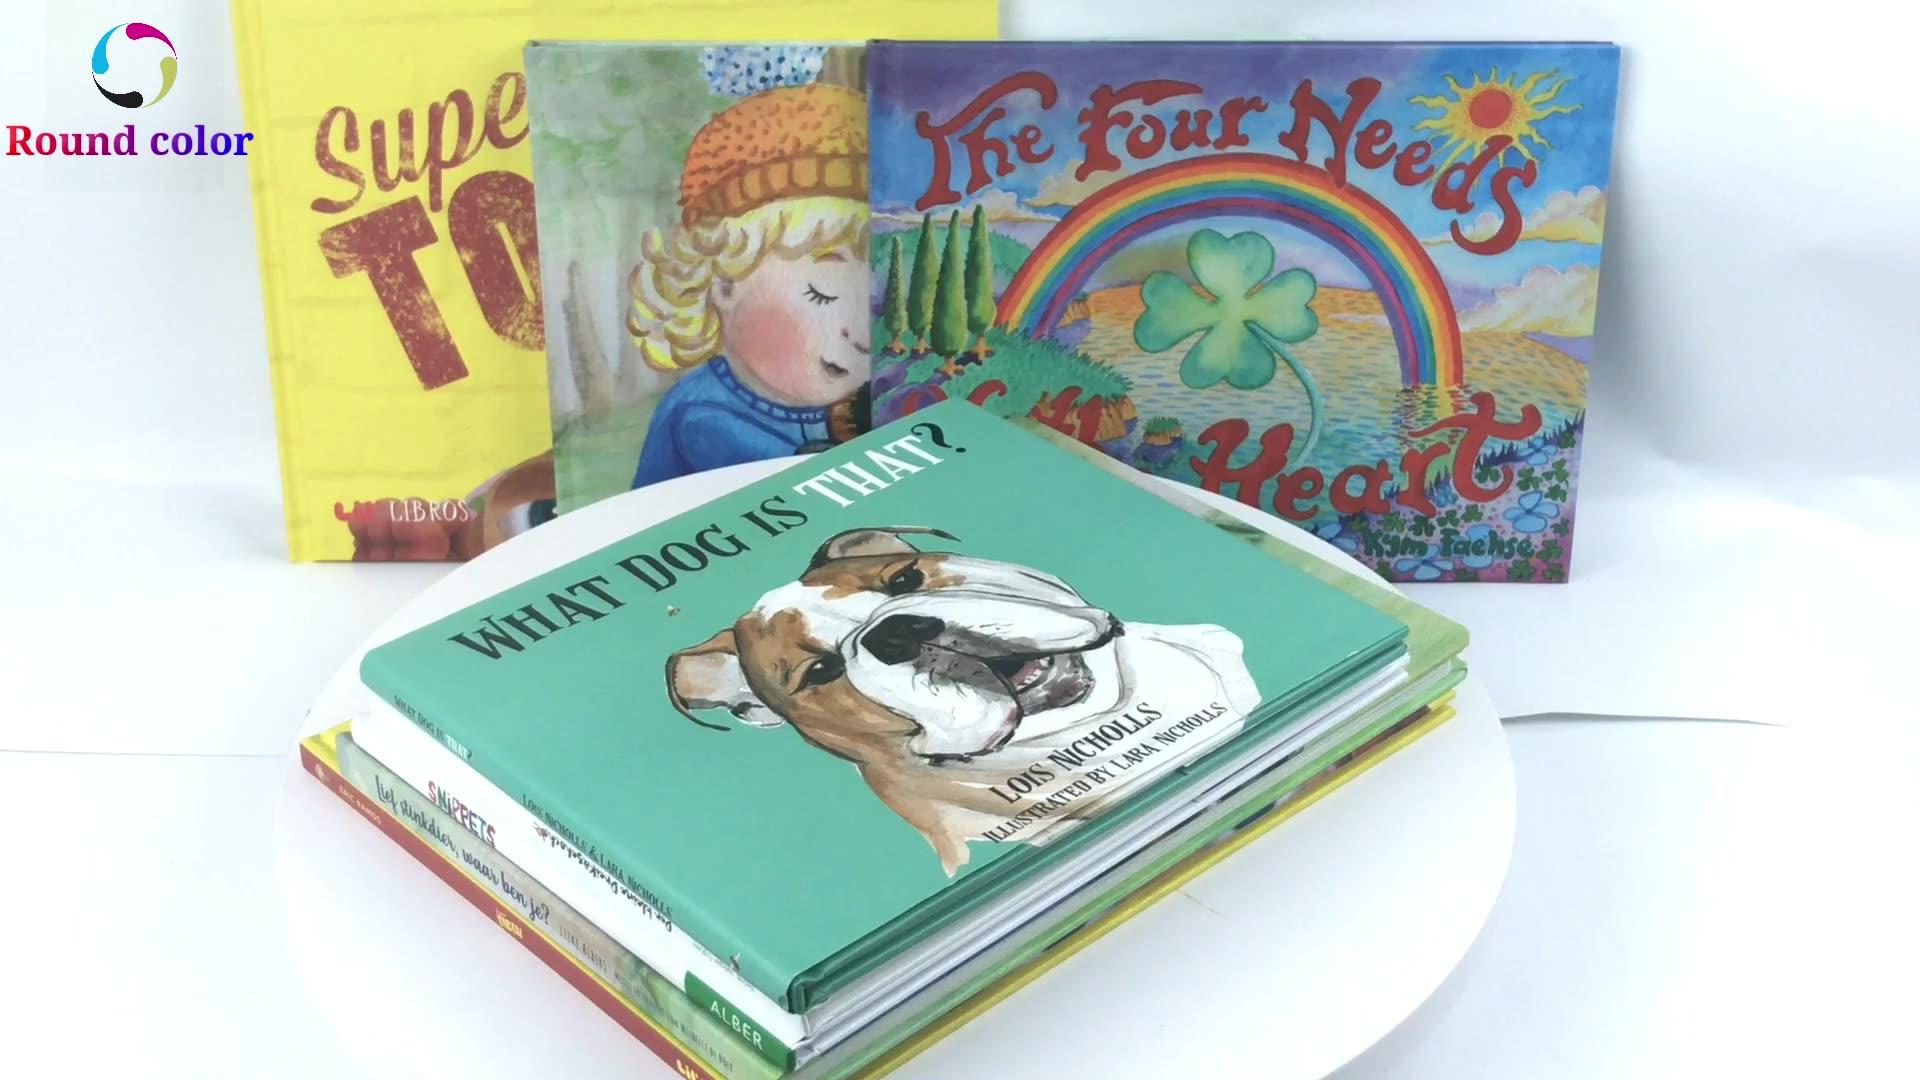 กวางตุ้งOEMโรงงานพิมพ์มืออาชีพปกแข็งราคาถูกพิมพ์เด็กหนังสือ